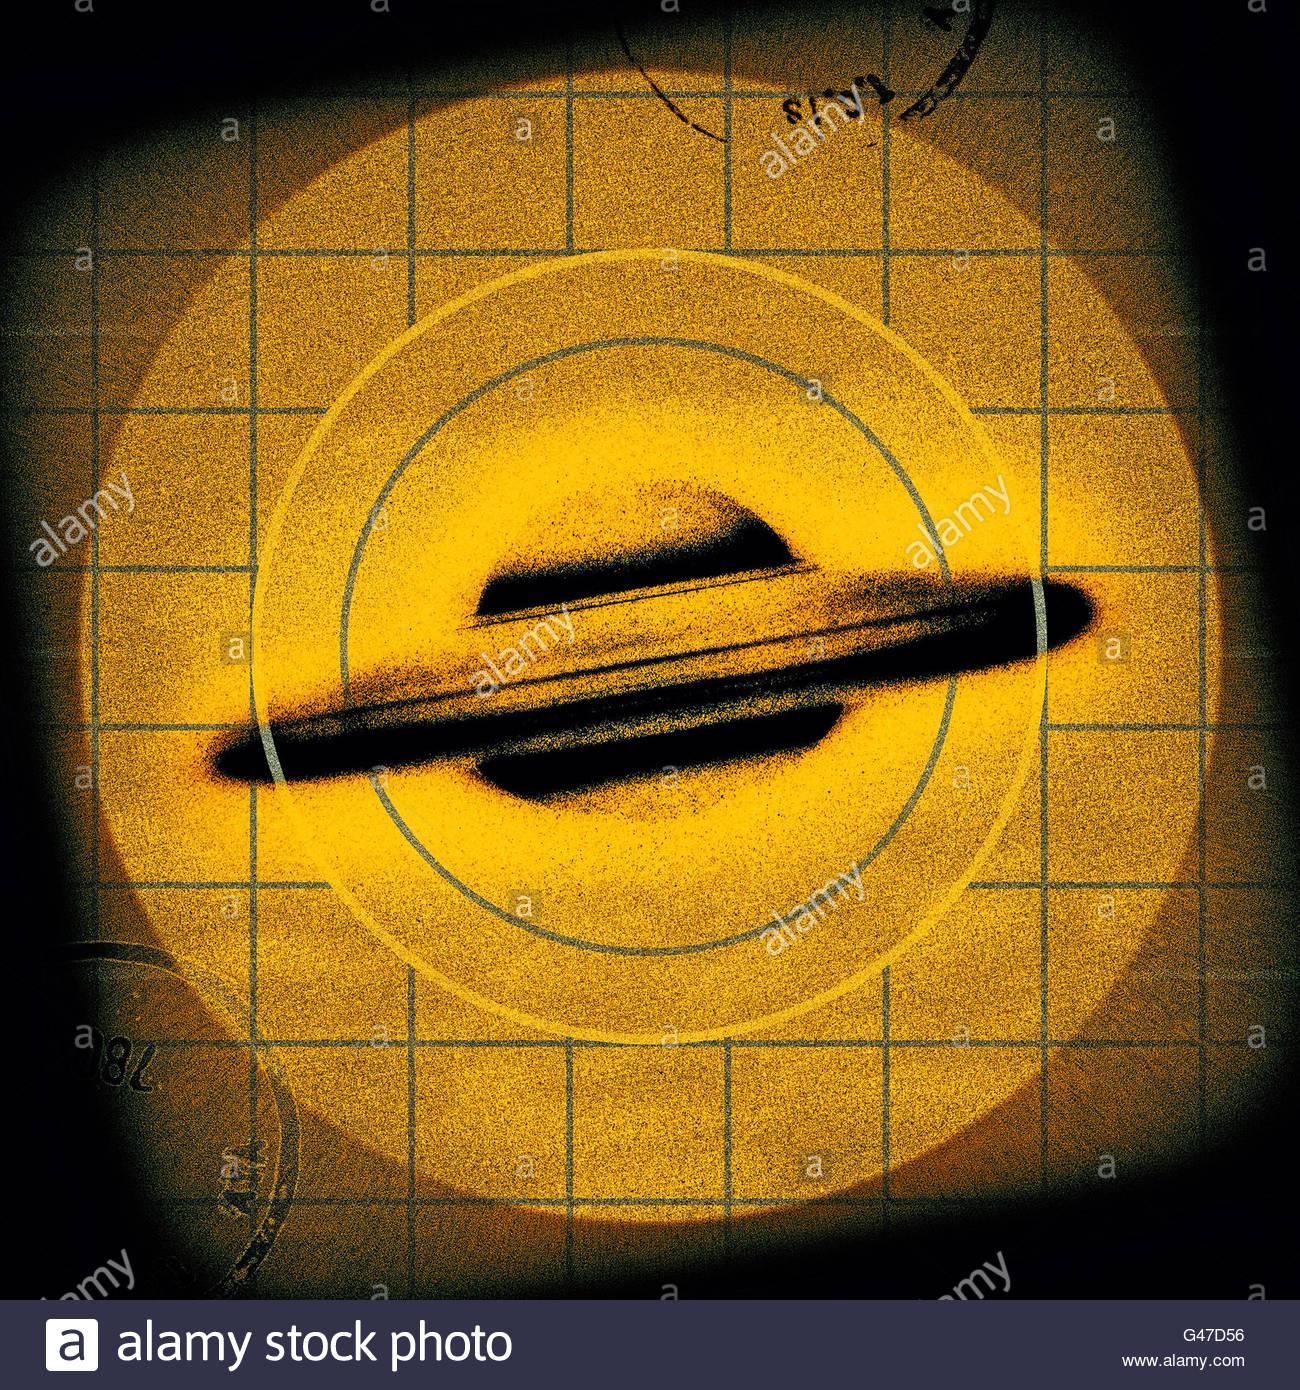 Soucoupe volante OVNI rétro au milieu du siècle d'observation de l'âge de l'espace rétro atomique Banque D'Images